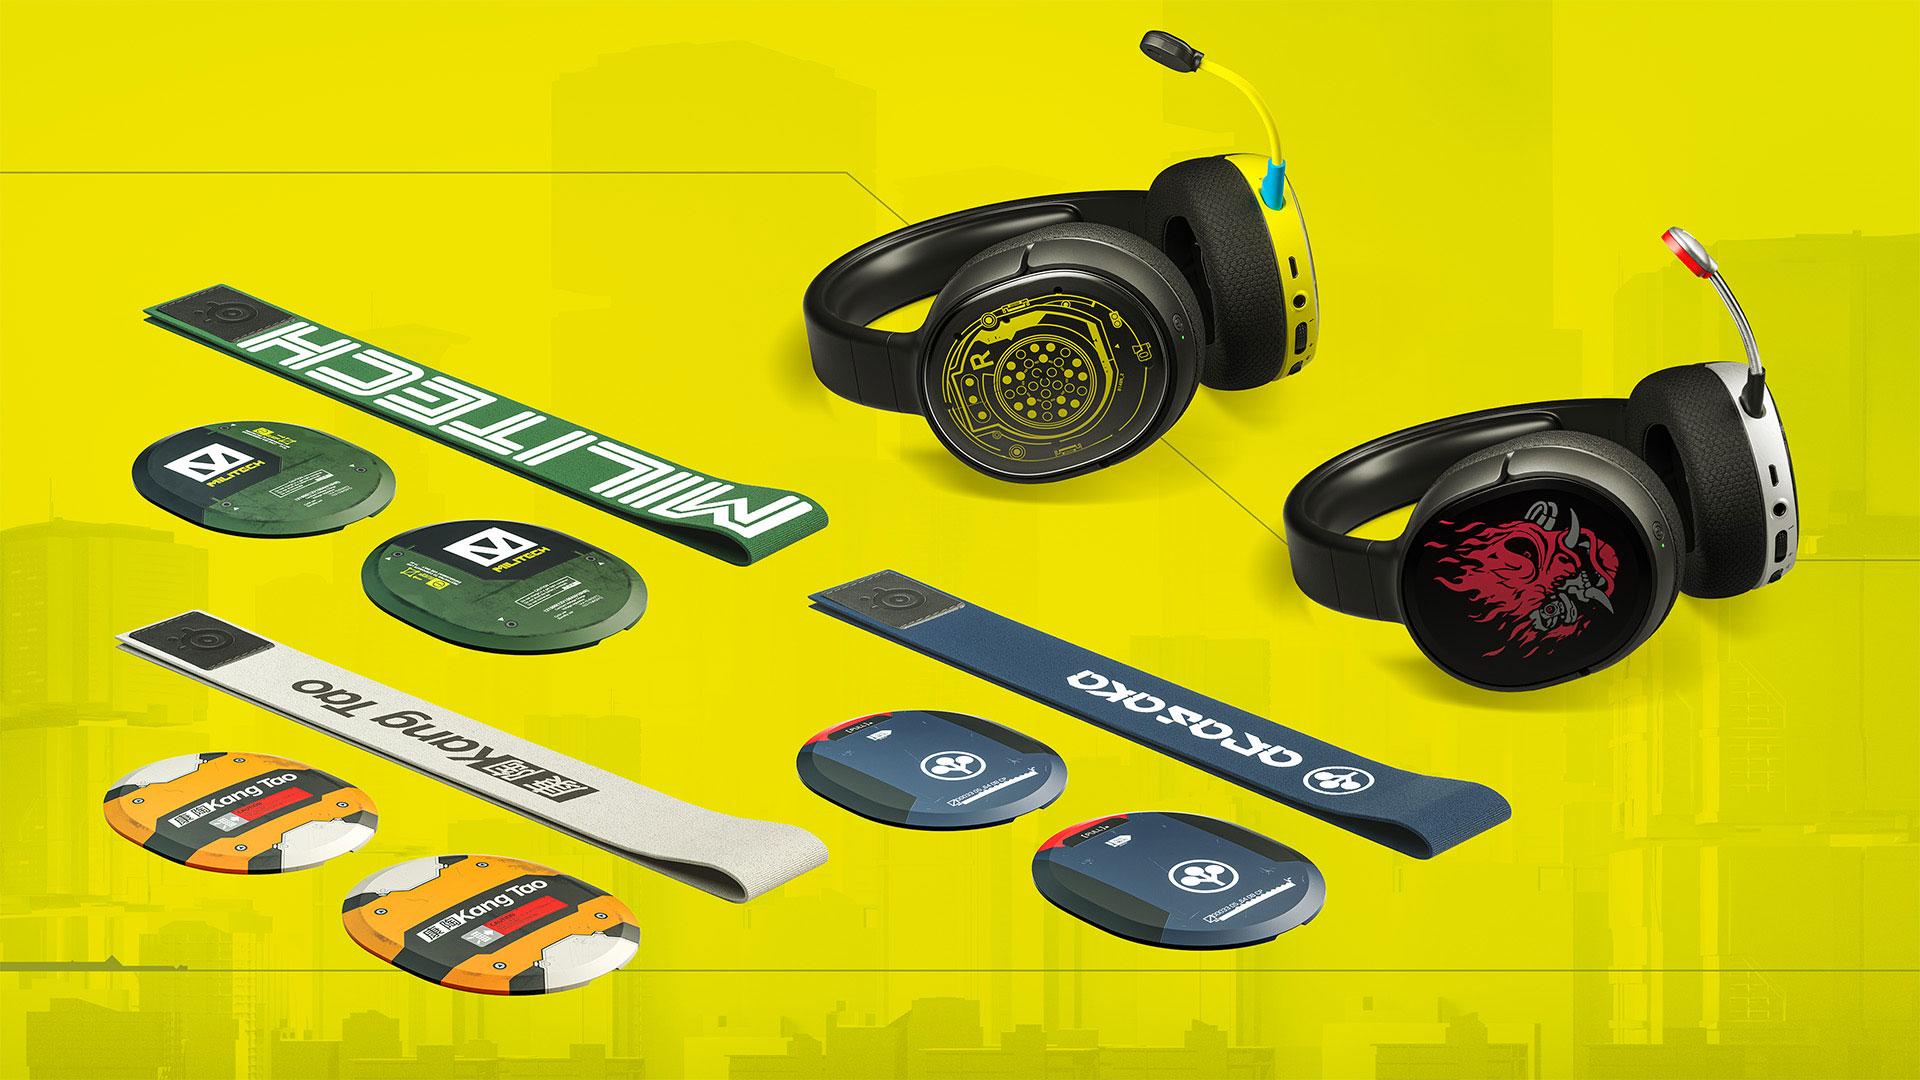 Limitovaná edice headsetů SteelSeries s motivy hry Cyberpunk 2077